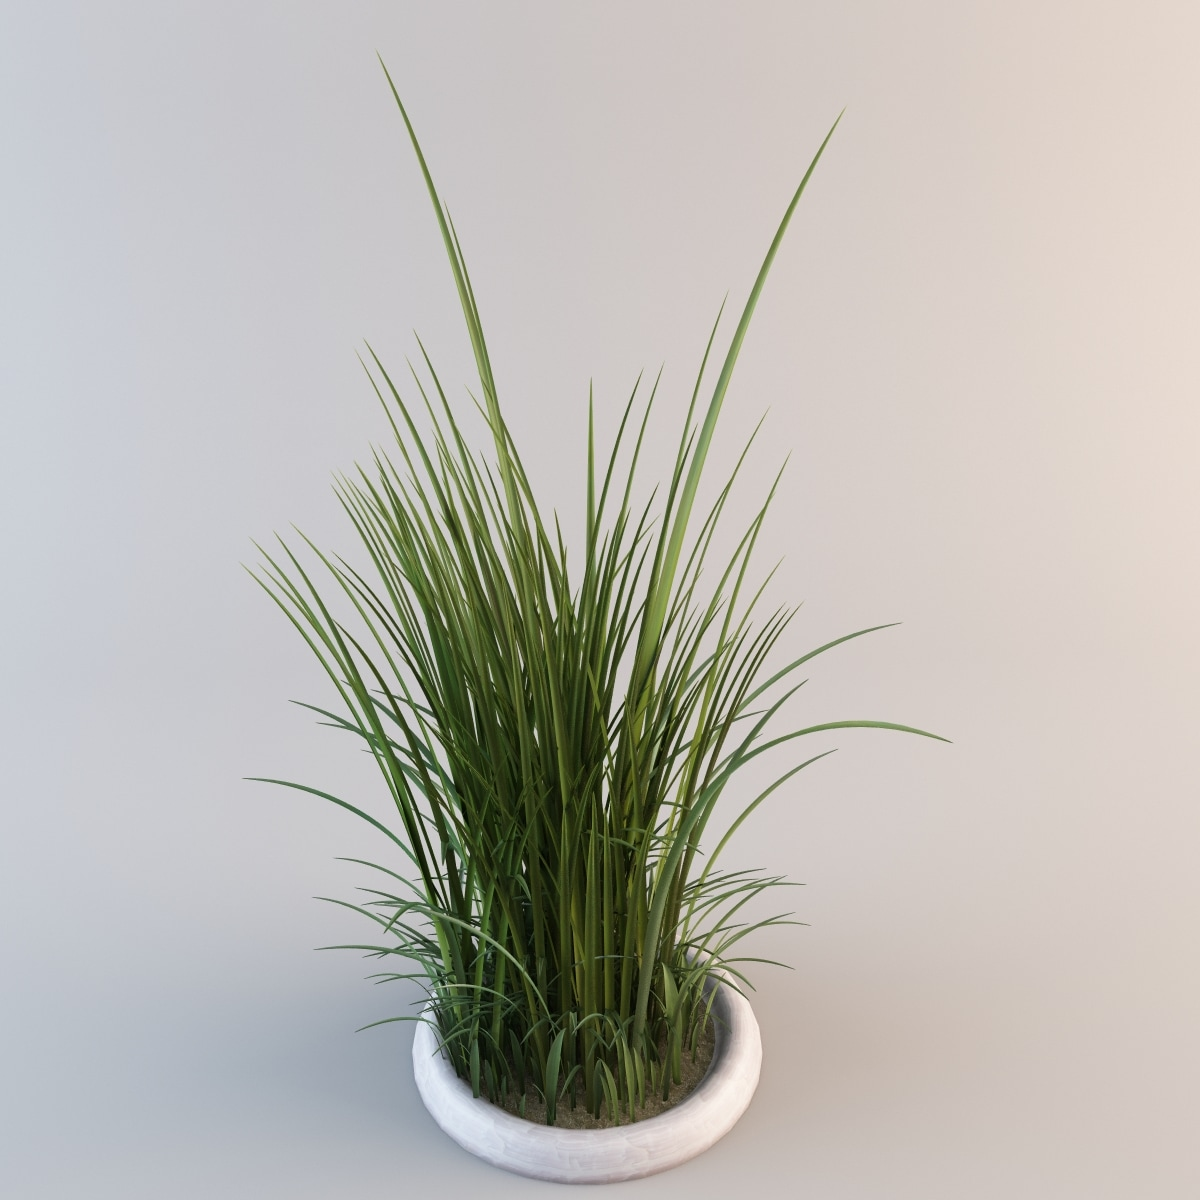 c4d grass 2